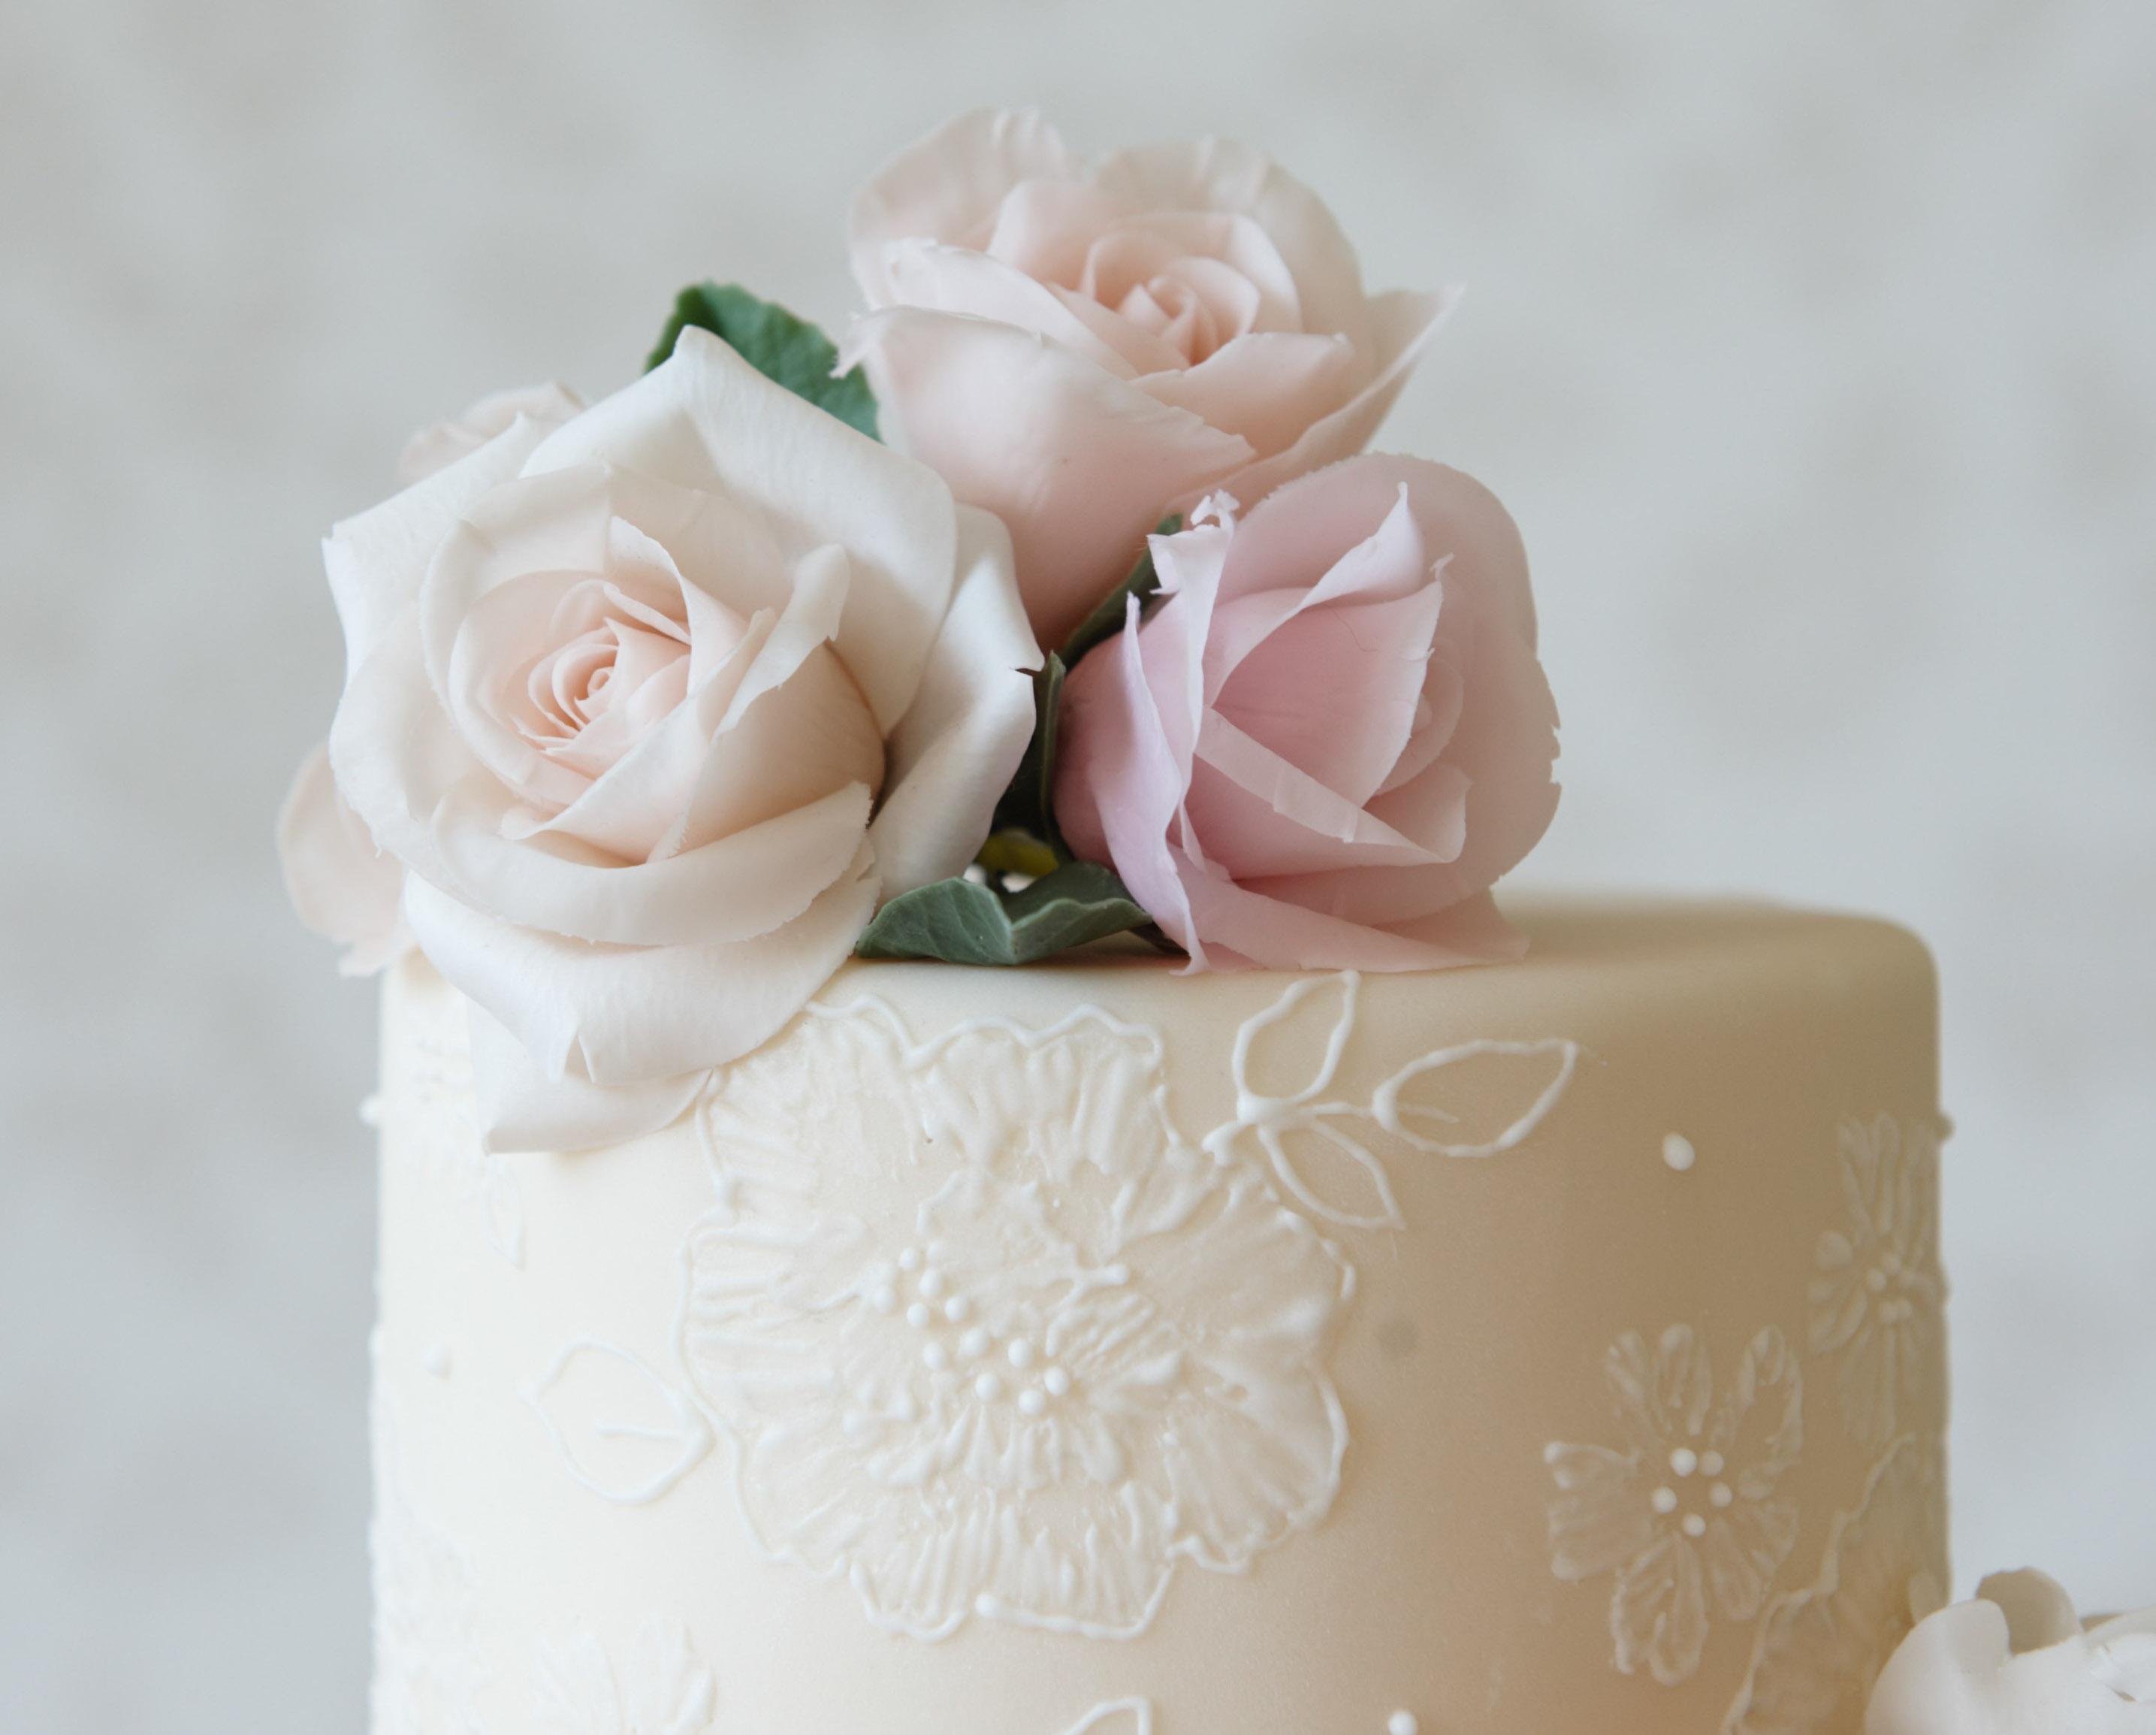 Details (Roses & Lace)